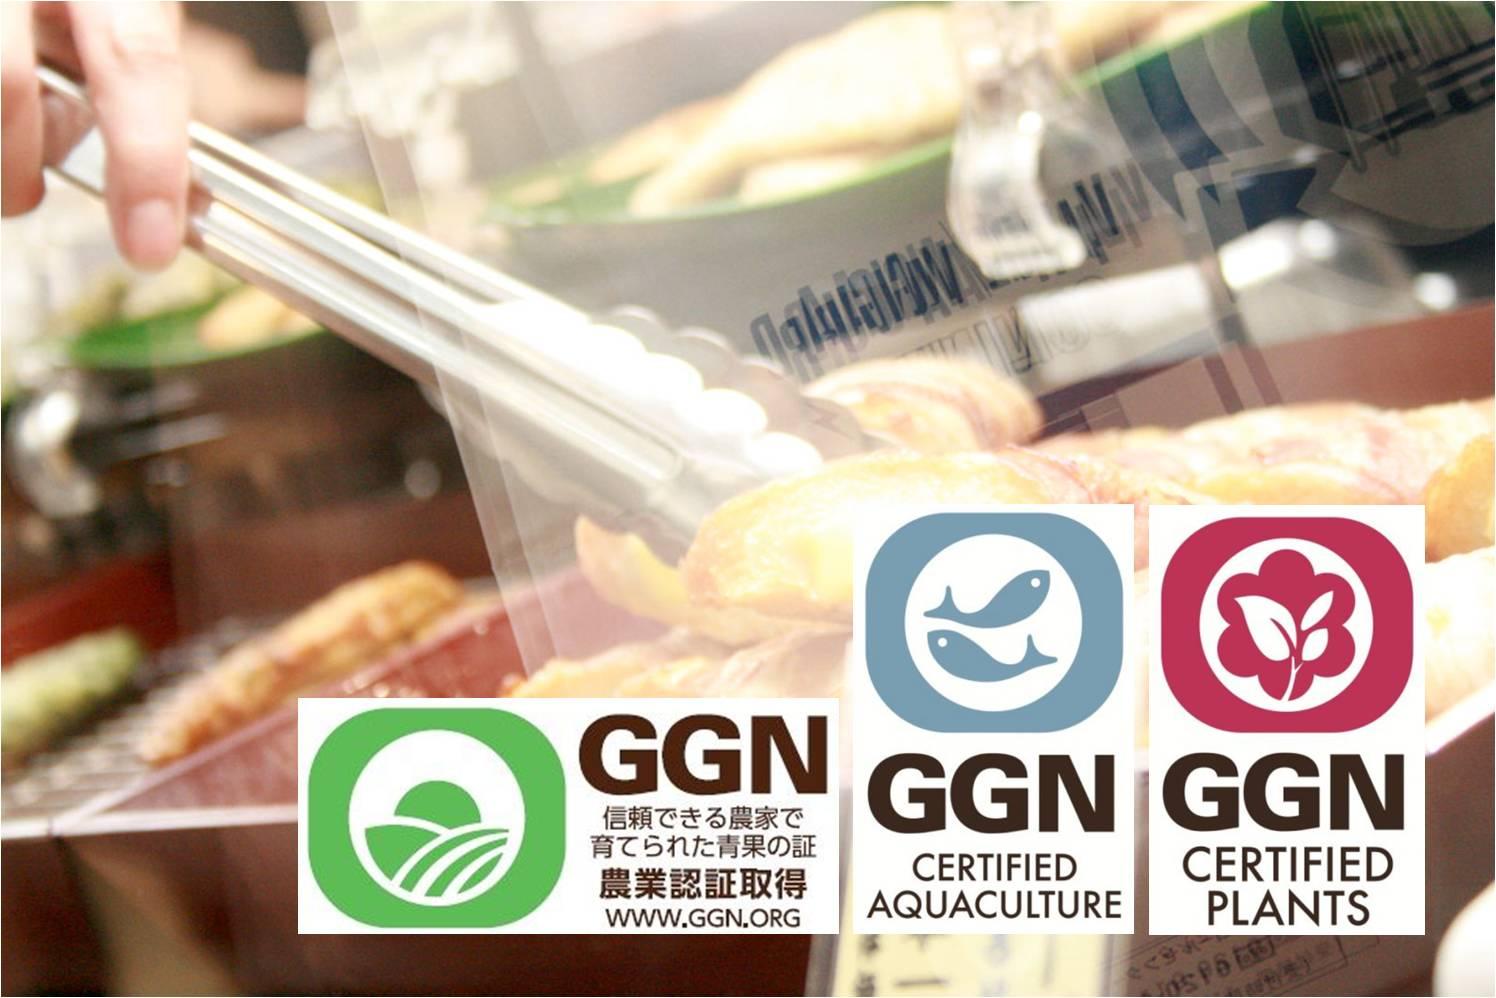 GGAP・CoC・GGNラベル・GGN番号の店頭表示について